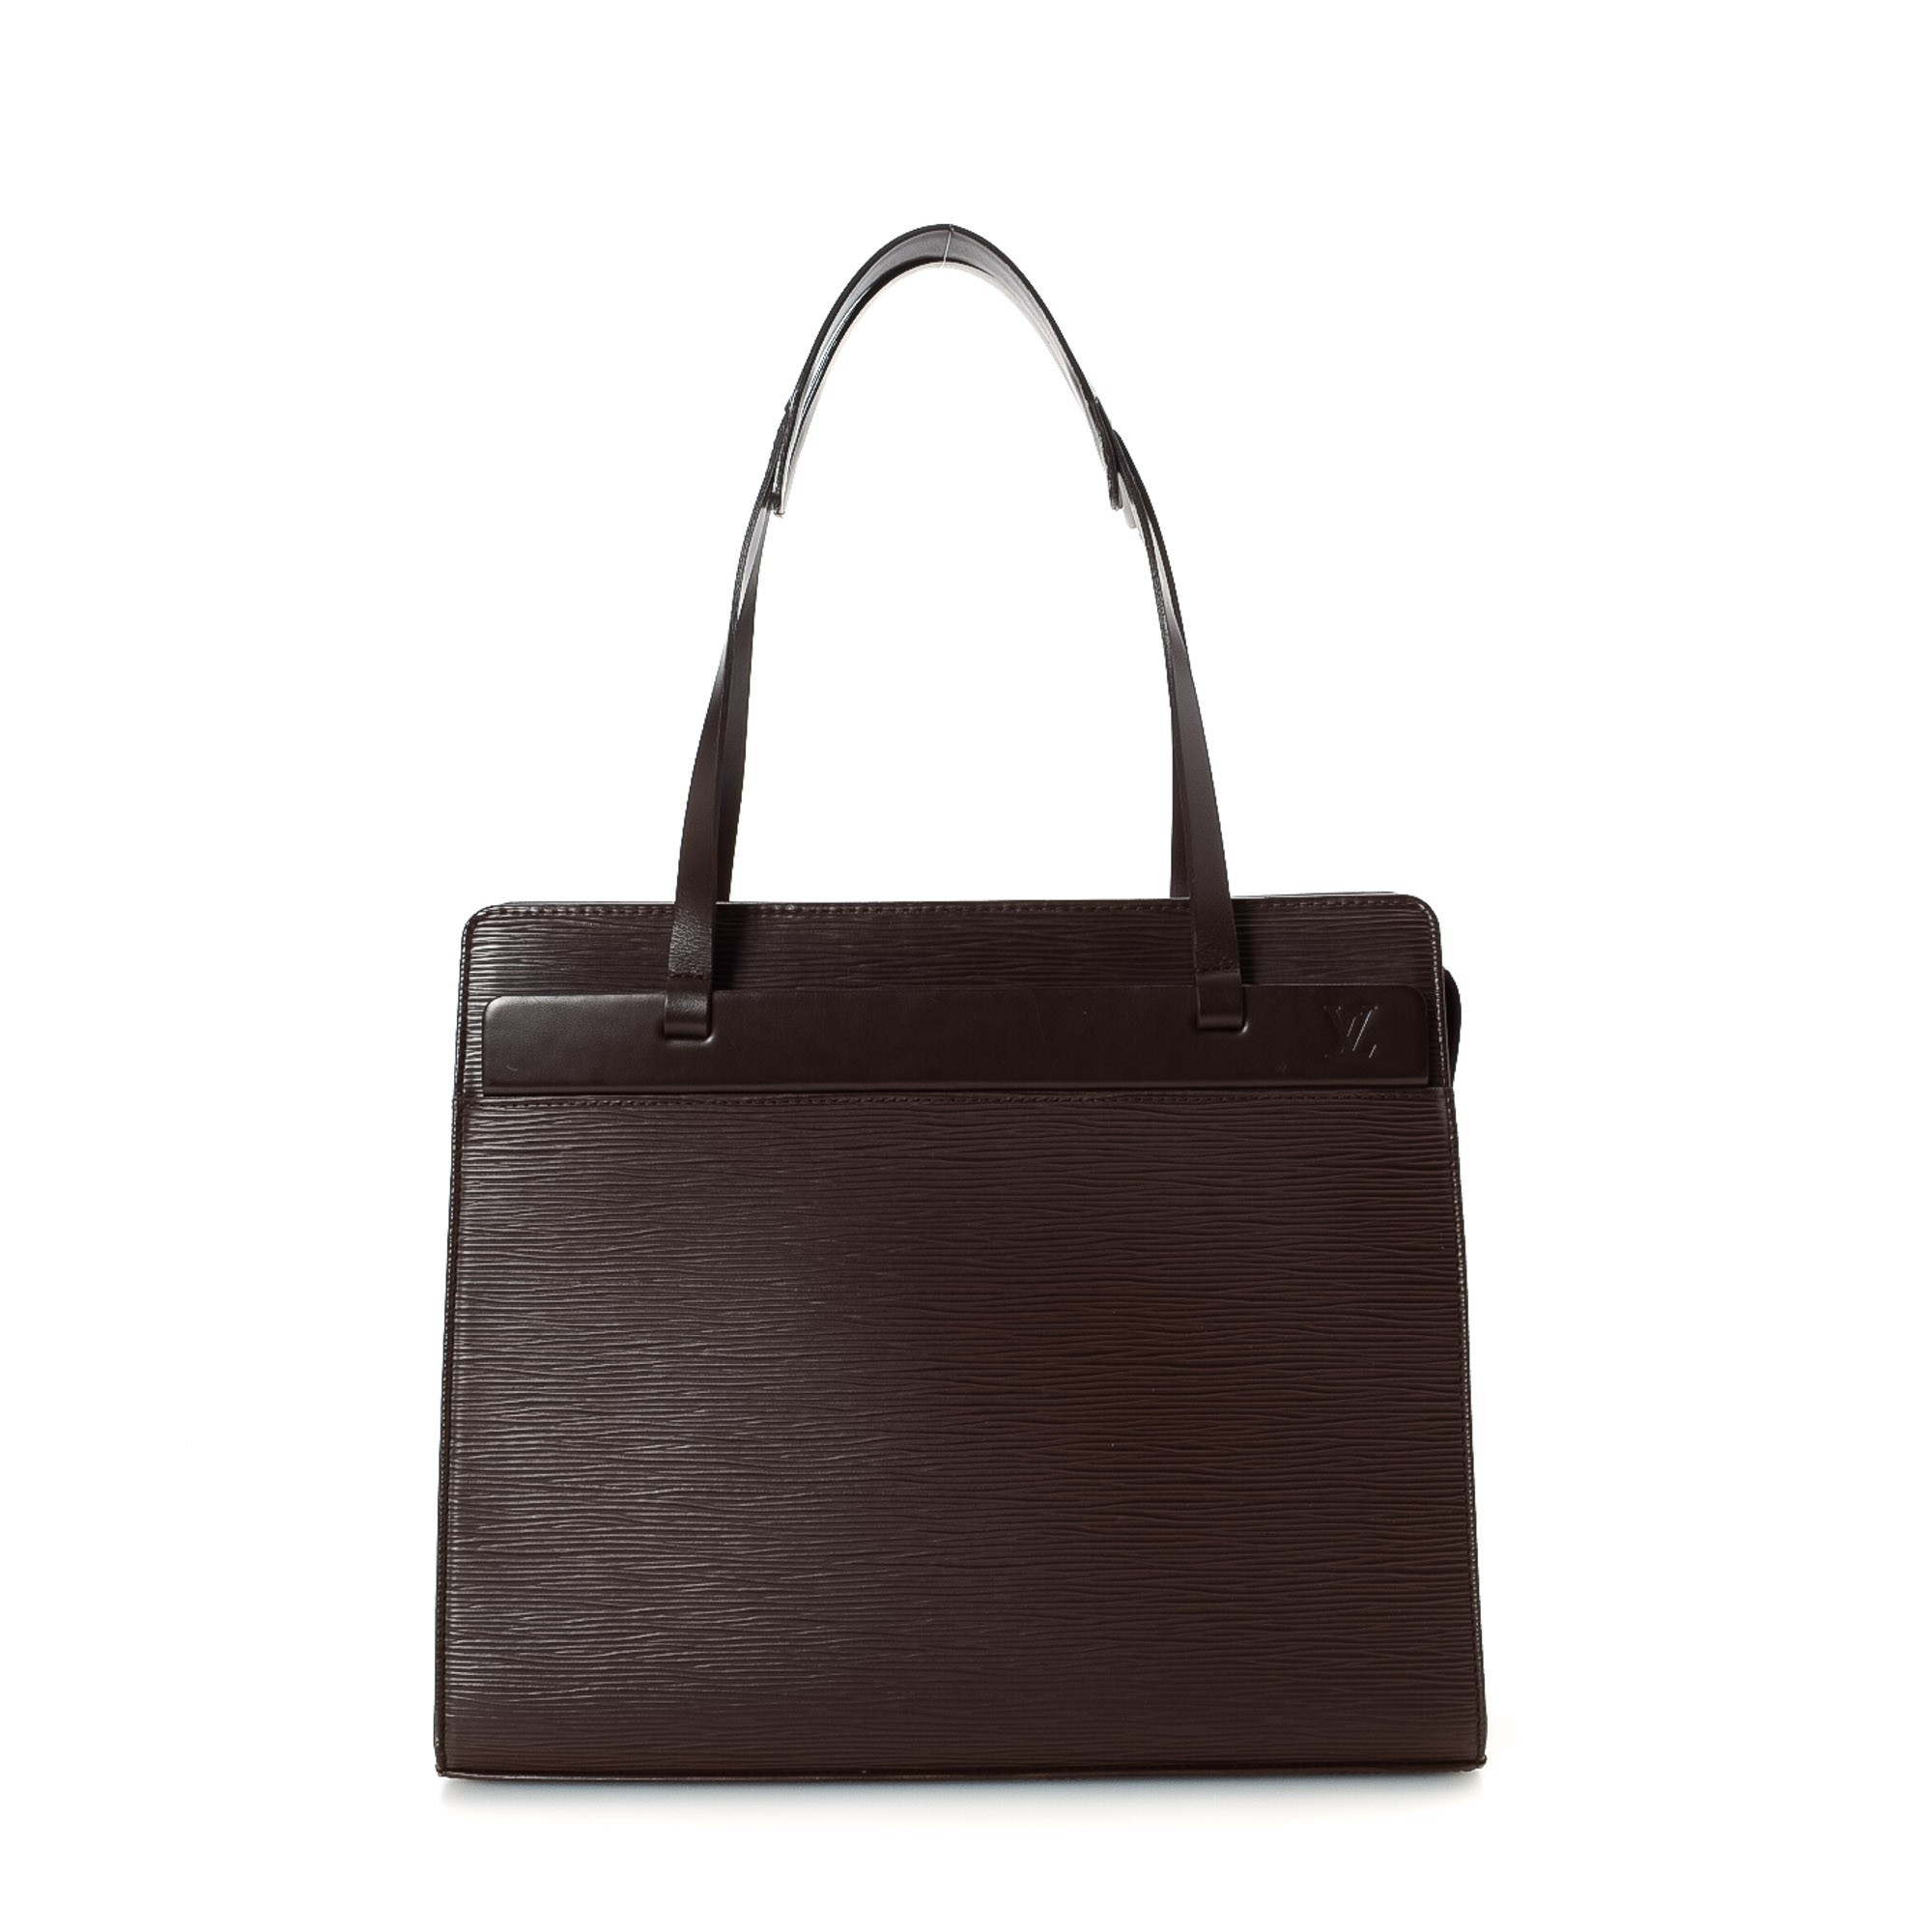 Louis Vuitton Croisette Epi Brown Leather Shoulder Bag LXRCO